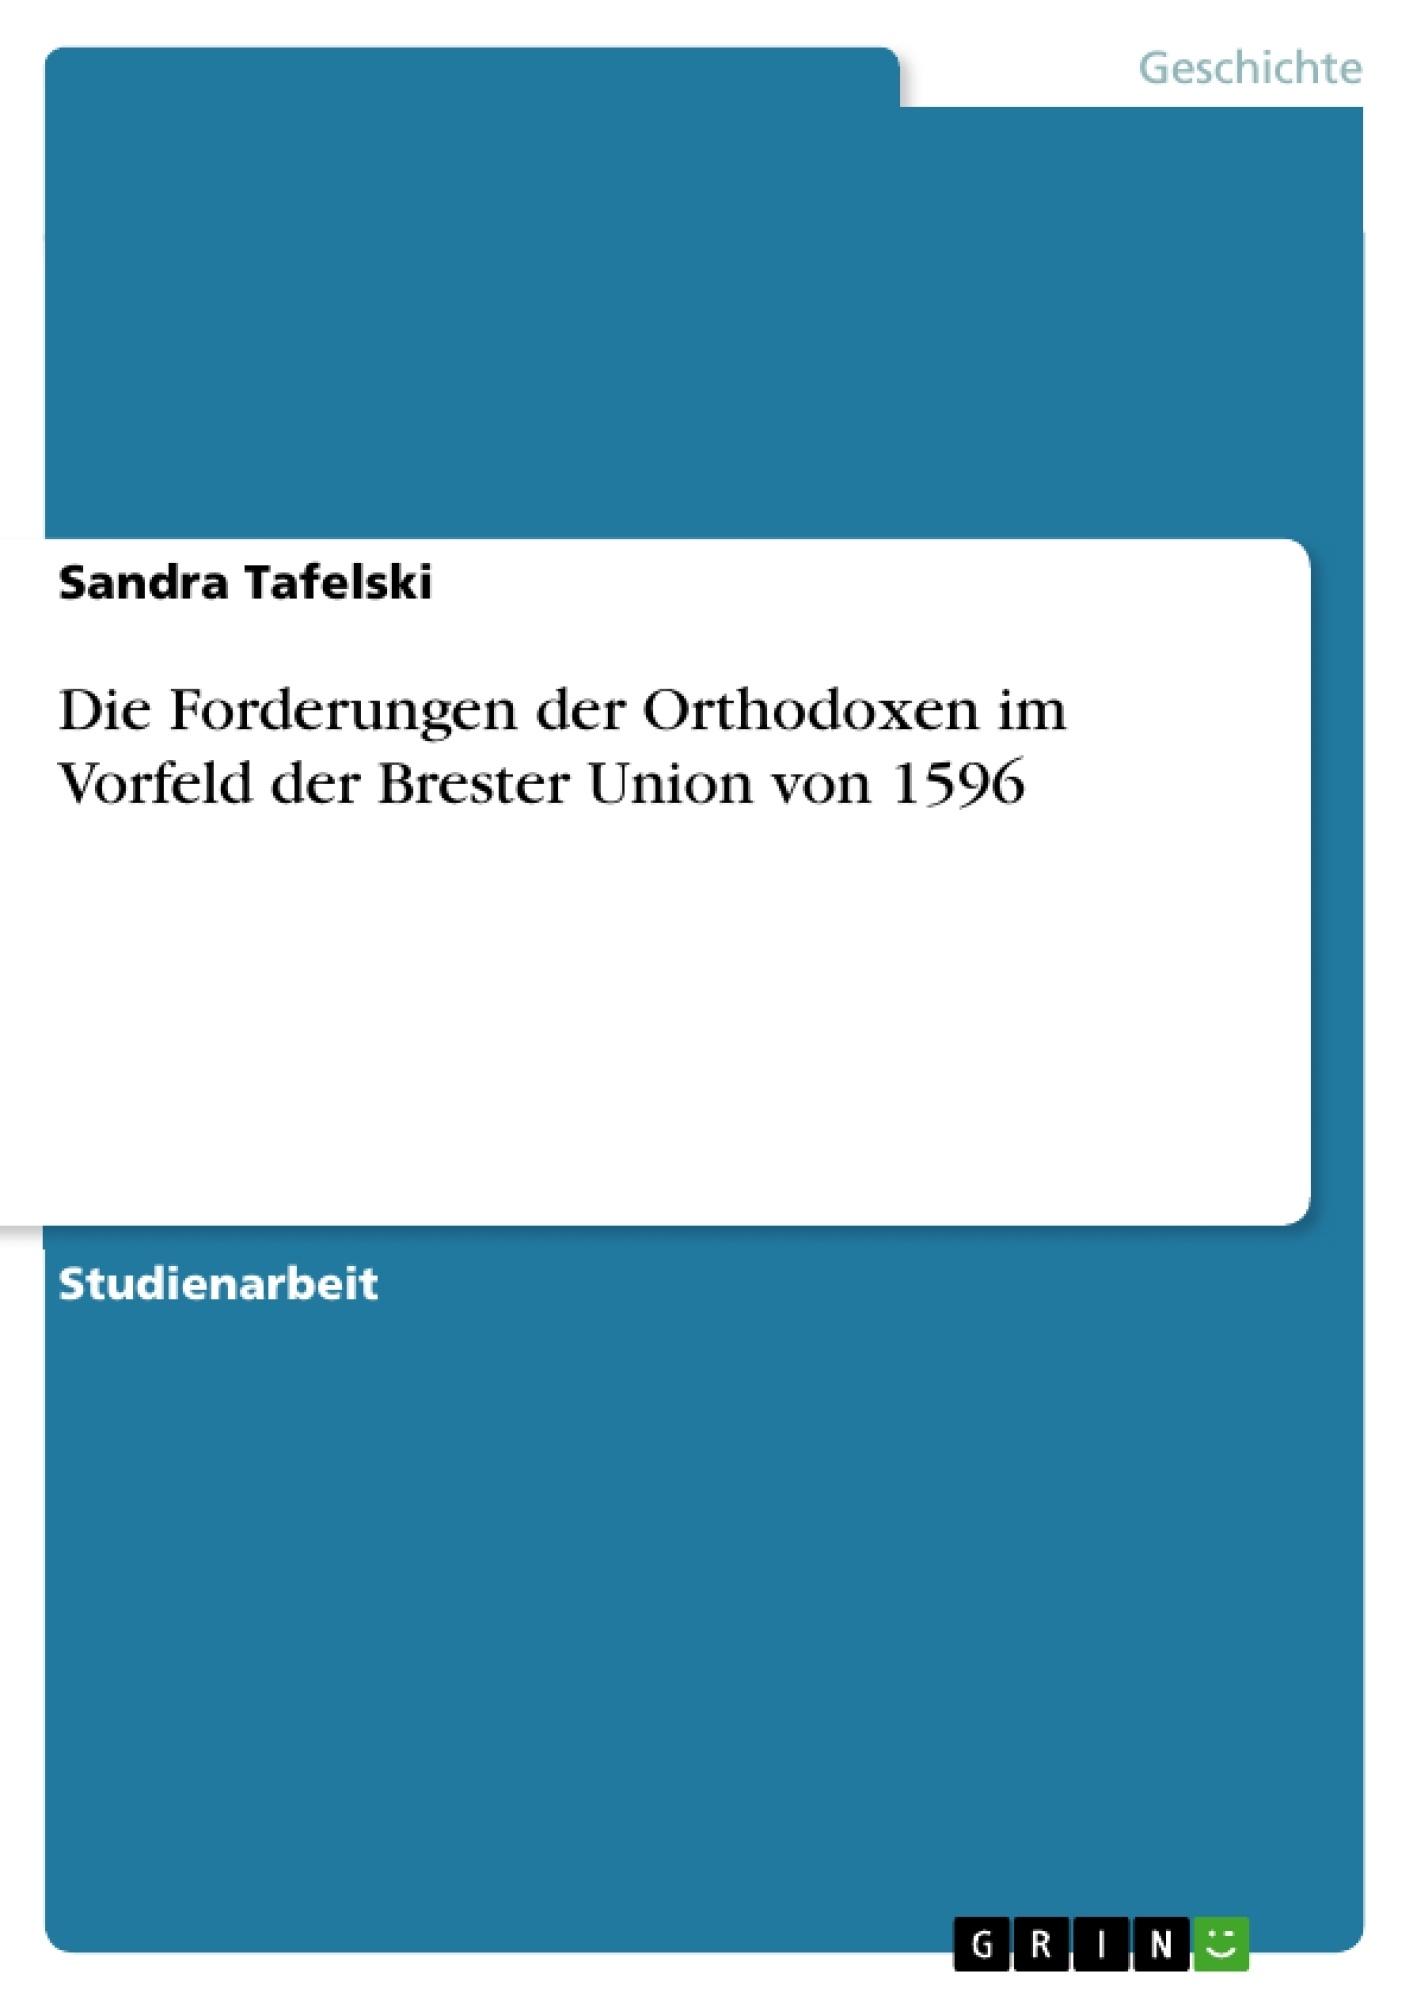 Titel: Die Forderungen der Orthodoxen im Vorfeld der Brester Union von 1596